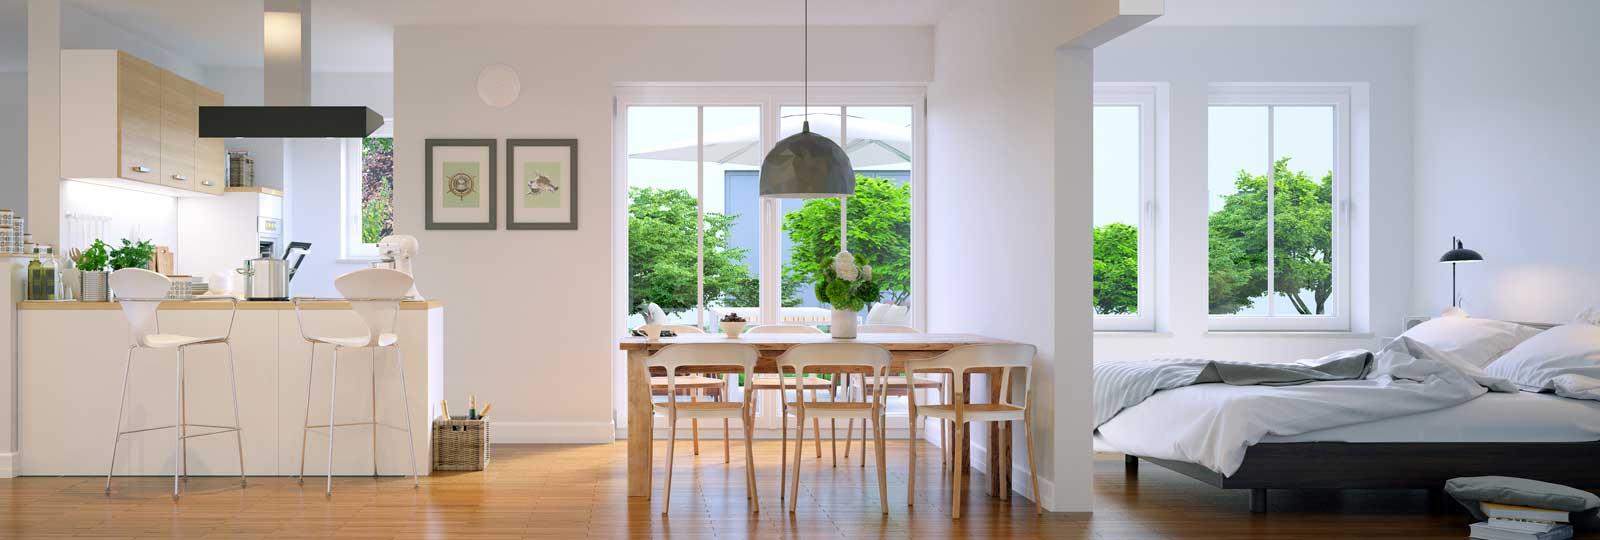 Best Kitchen Gallery: Paris Apartments For Rent Apartments For Sale Lodgis of Apartments In Paris  on rachelxblog.com